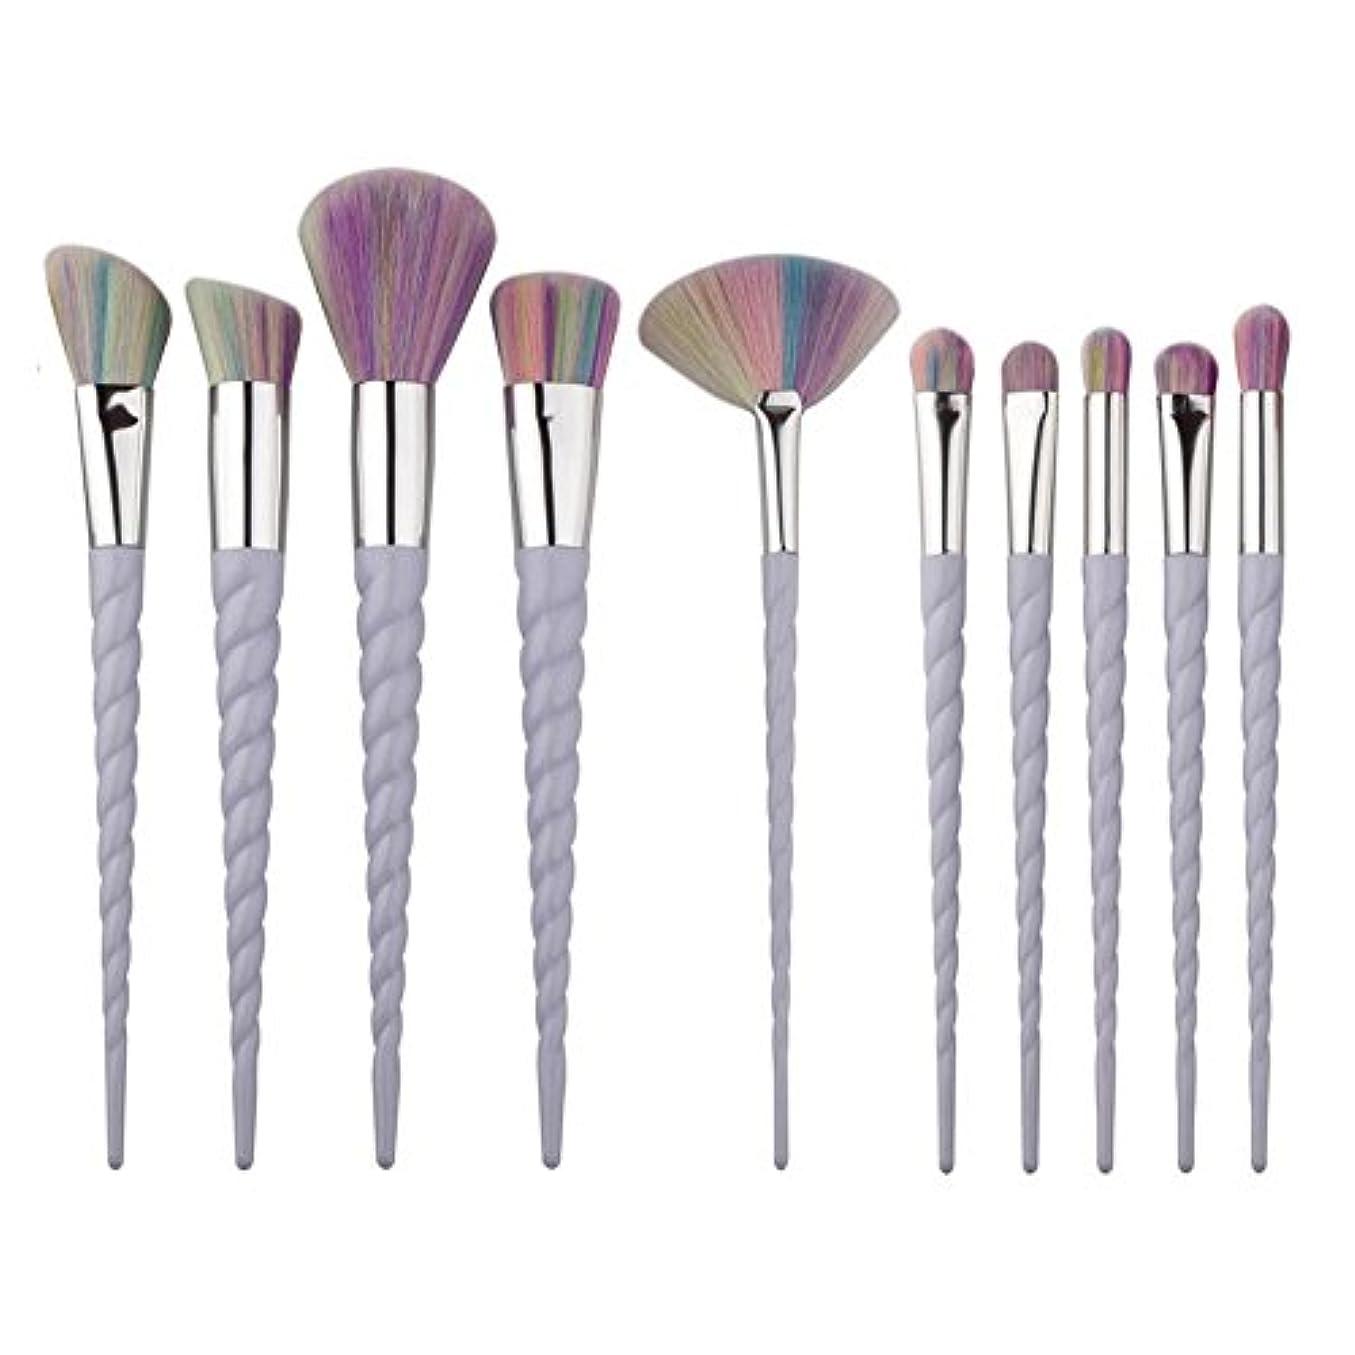 声を出してフィドルくつろぎDilla Beauty 10本セットユニコーンデザインプラスチックハンドル形状メイクブラシセット合成毛ファンデーションブラシアイシャドーブラッシャー美容ツール (ホワイト-1)